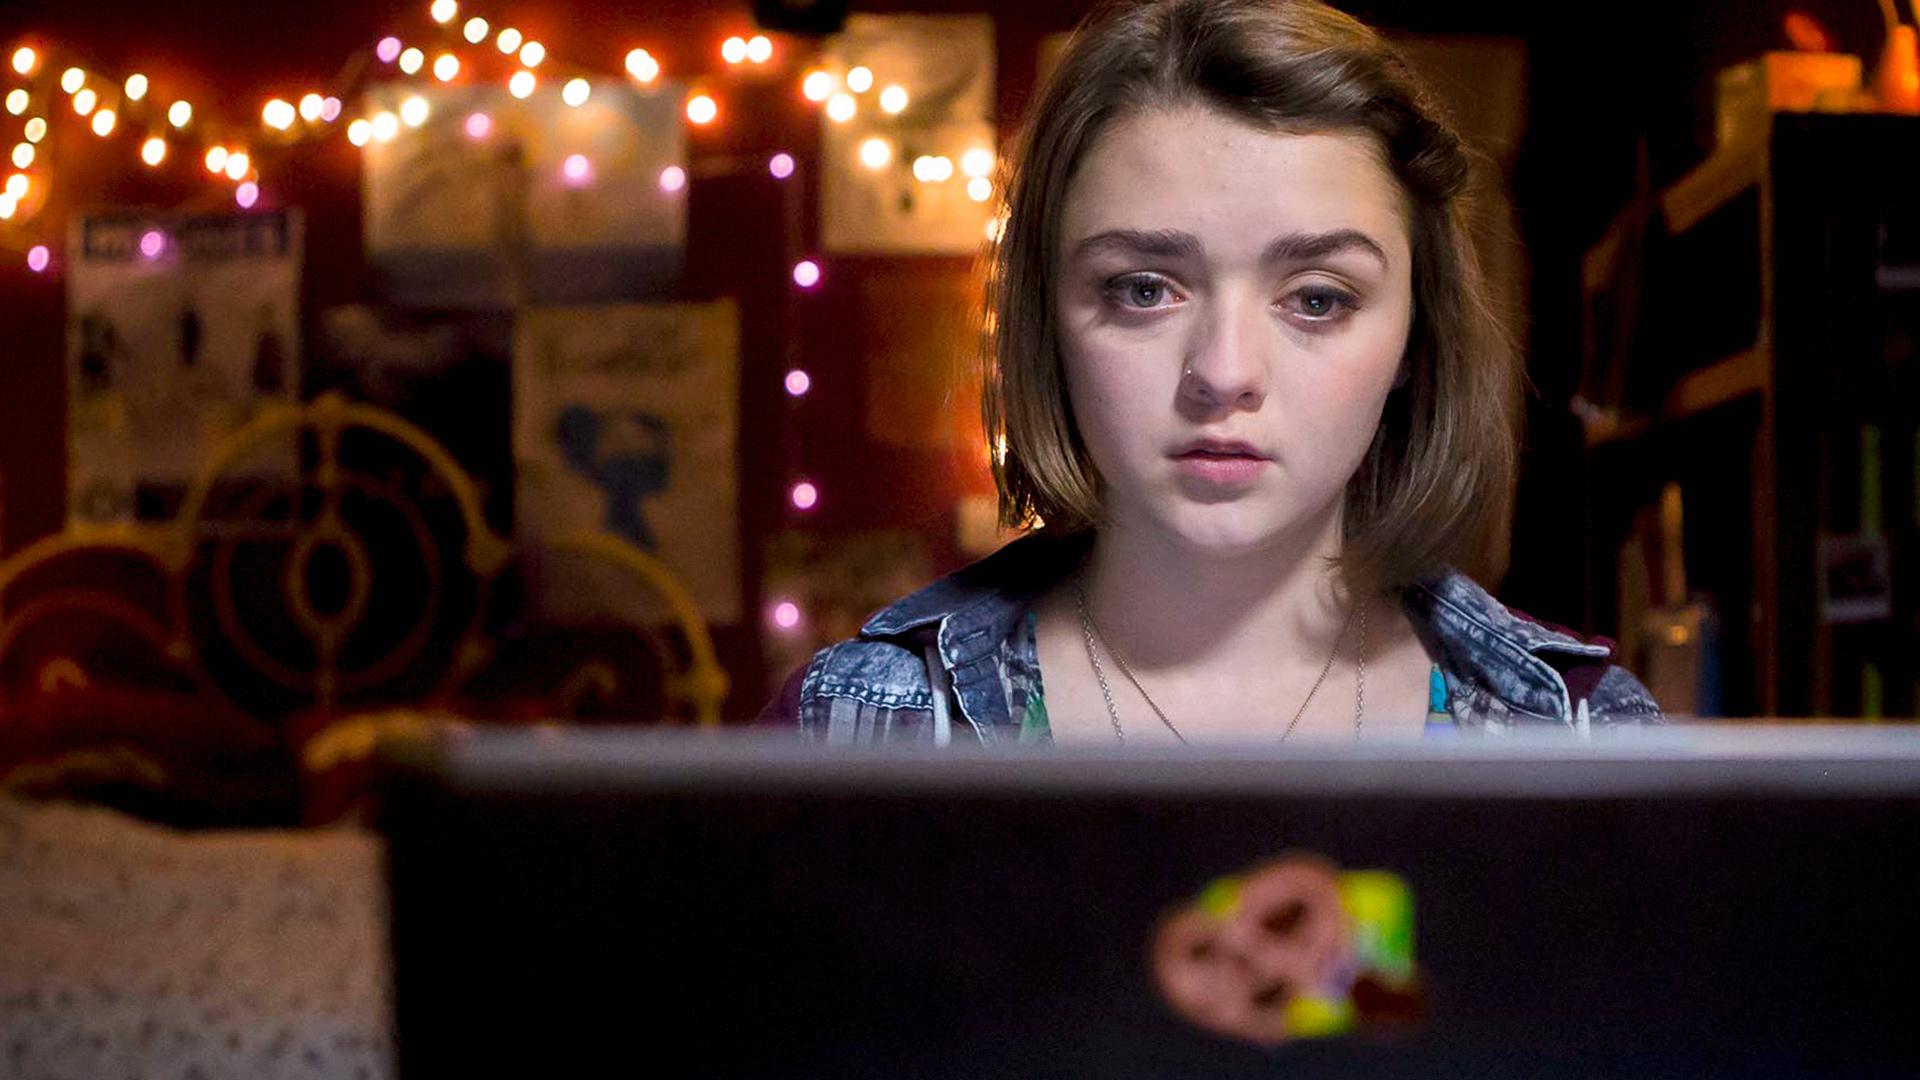 13 Film Terbaik Tentang Hacker Terhebat 11